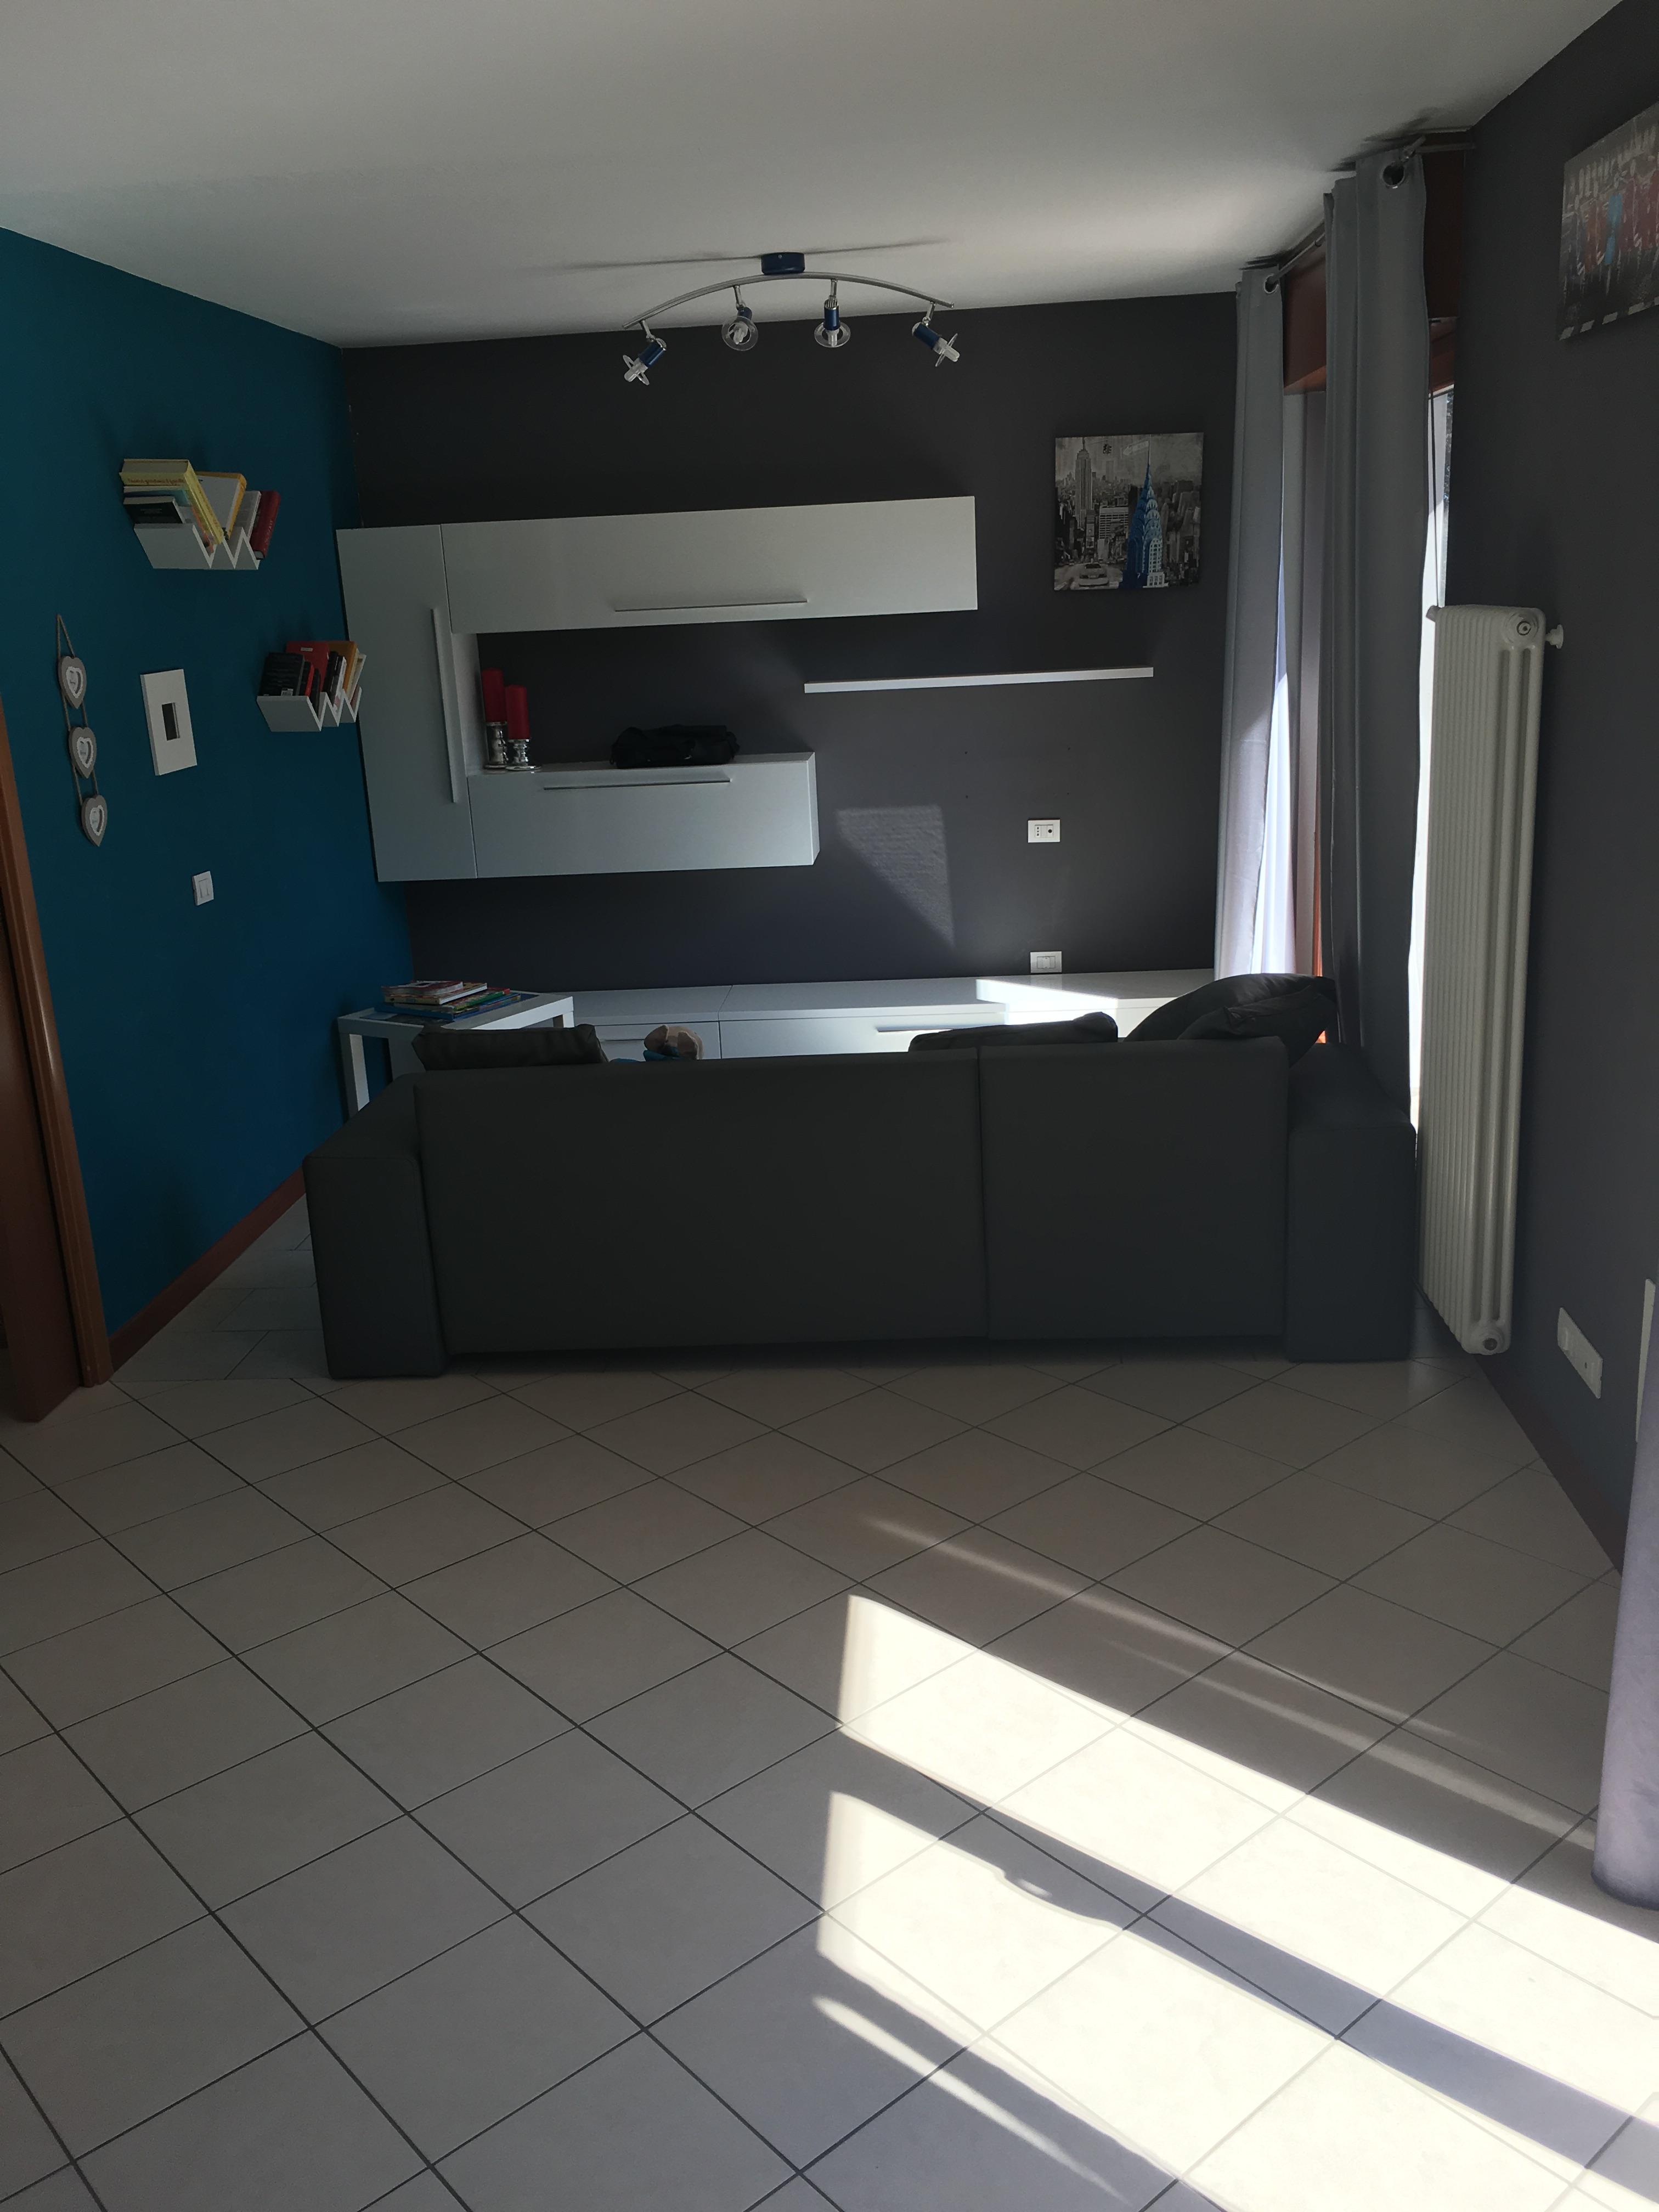 Appartamento in vendita a Pozzuolo del Friuli, 4 locali, prezzo € 118.000 | Cambio Casa.it